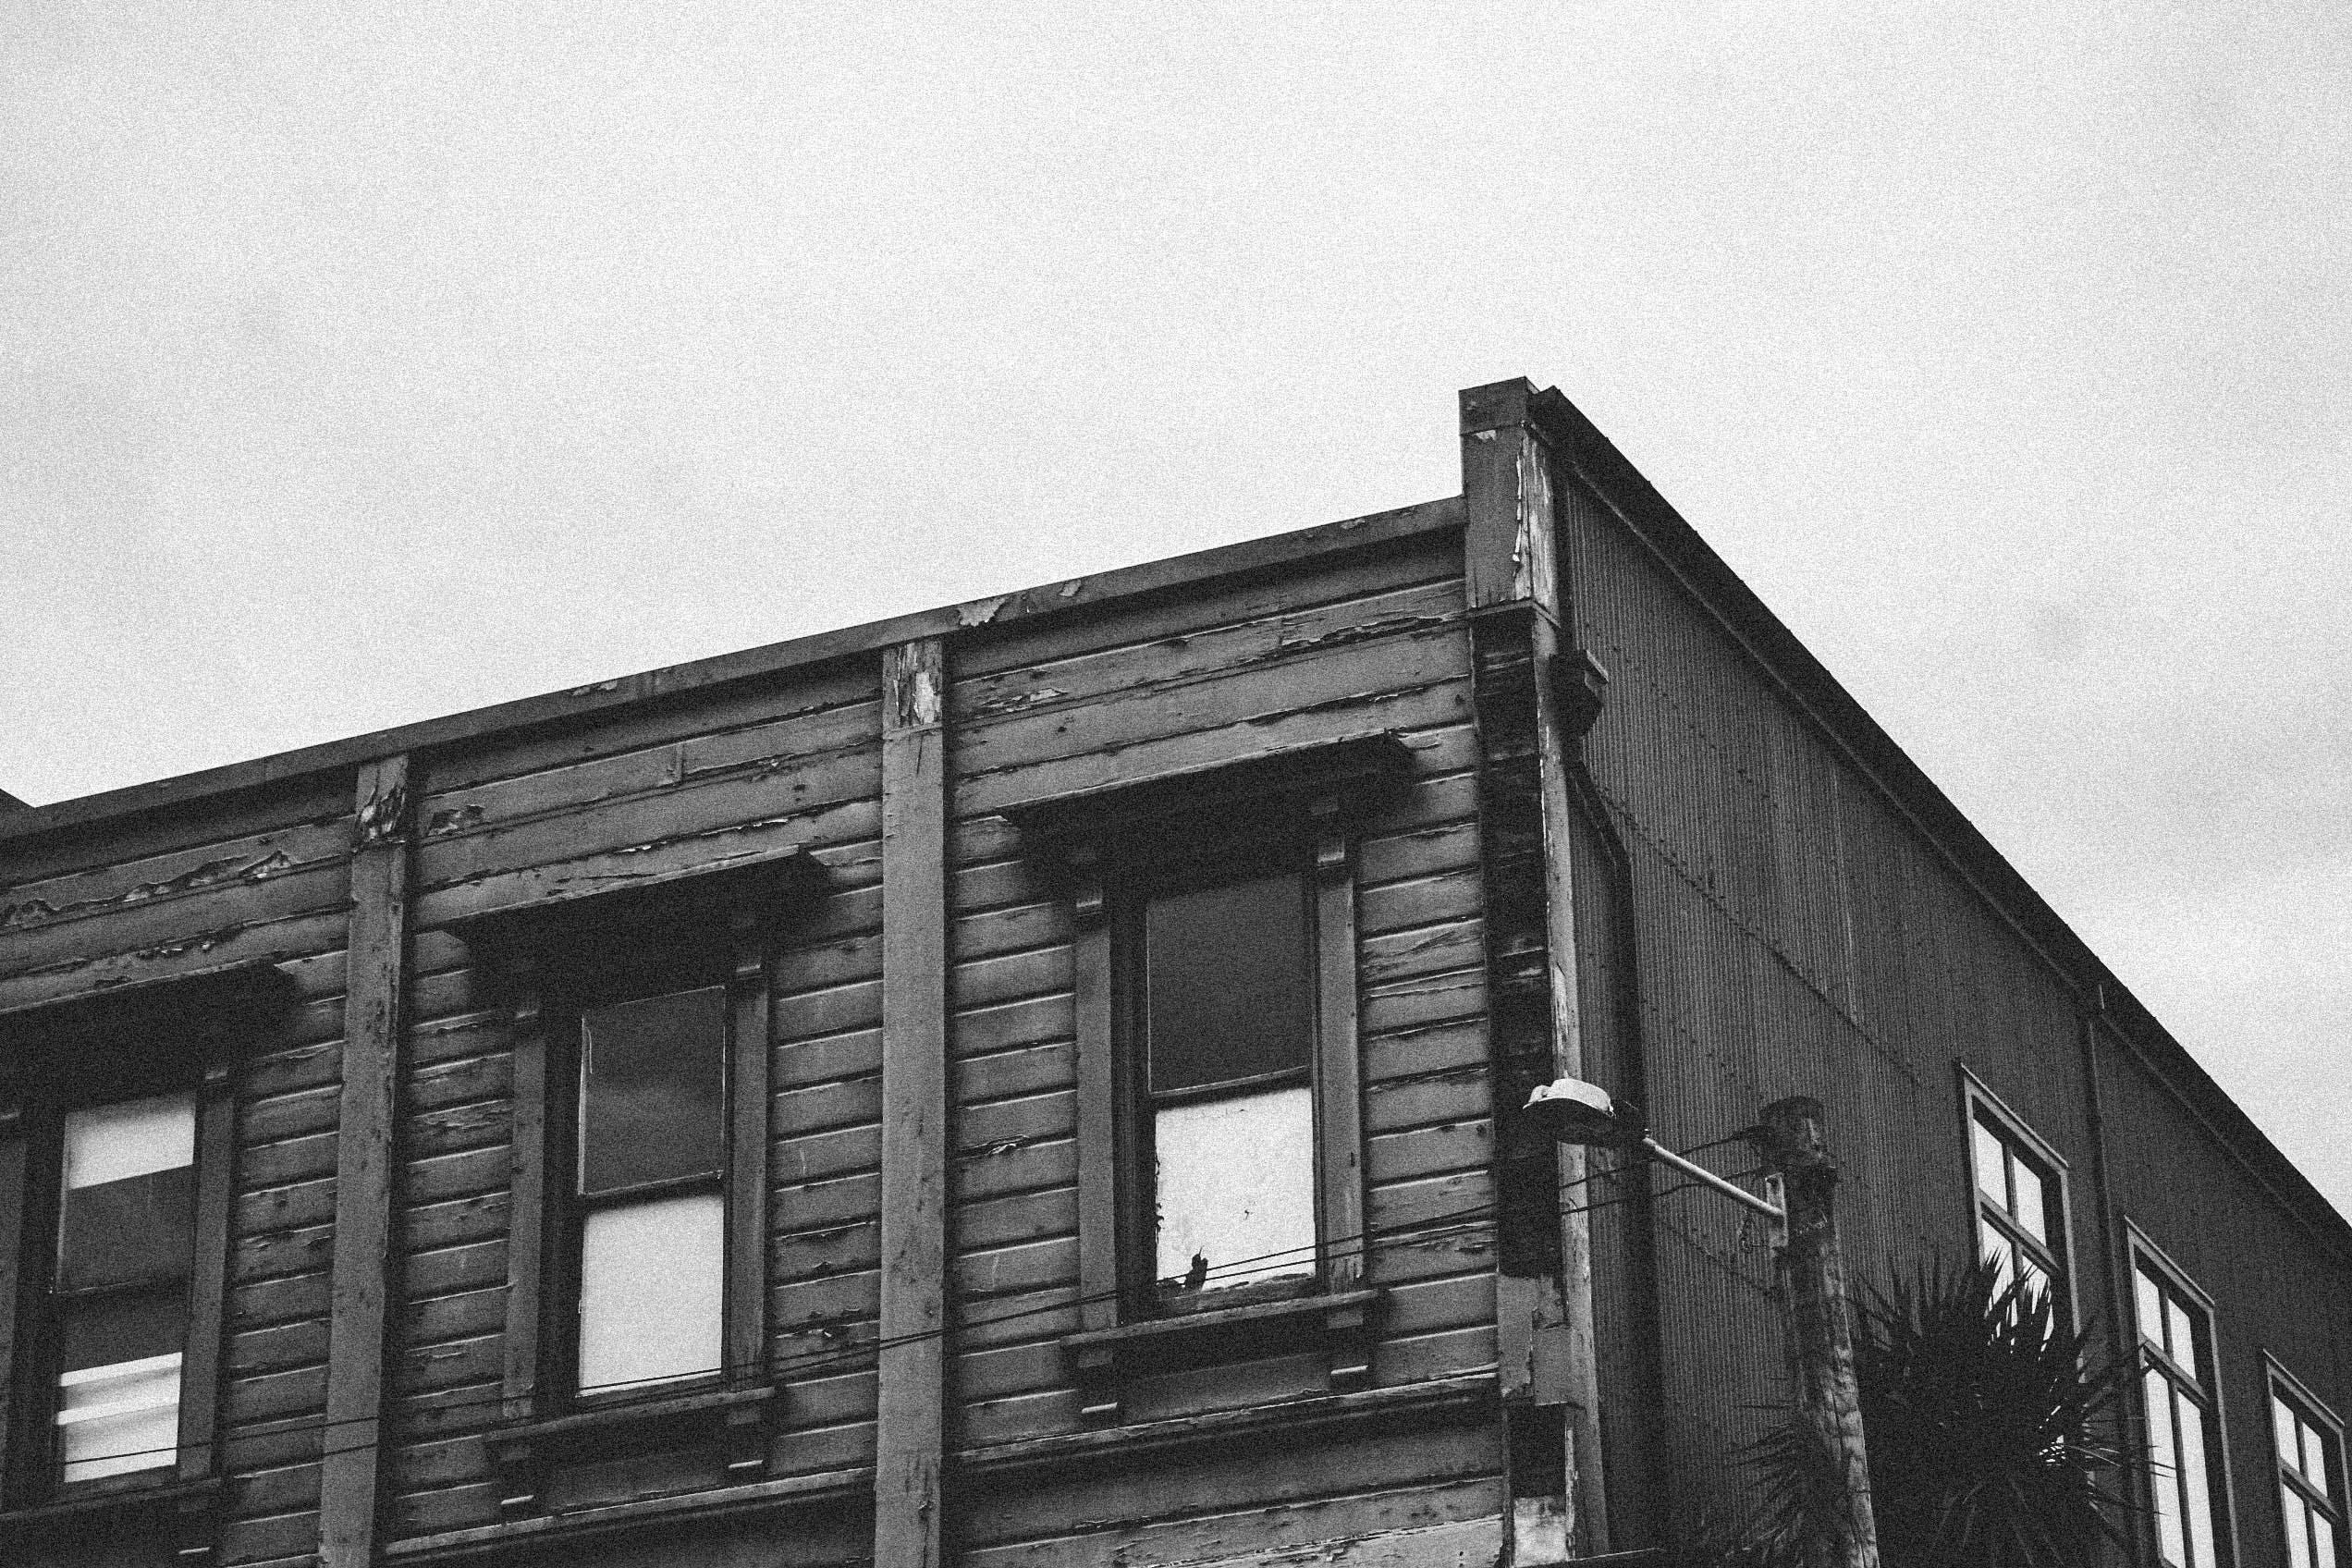 건물, 건축, 블랙 앤 화이트, 창문의 무료 스톡 사진